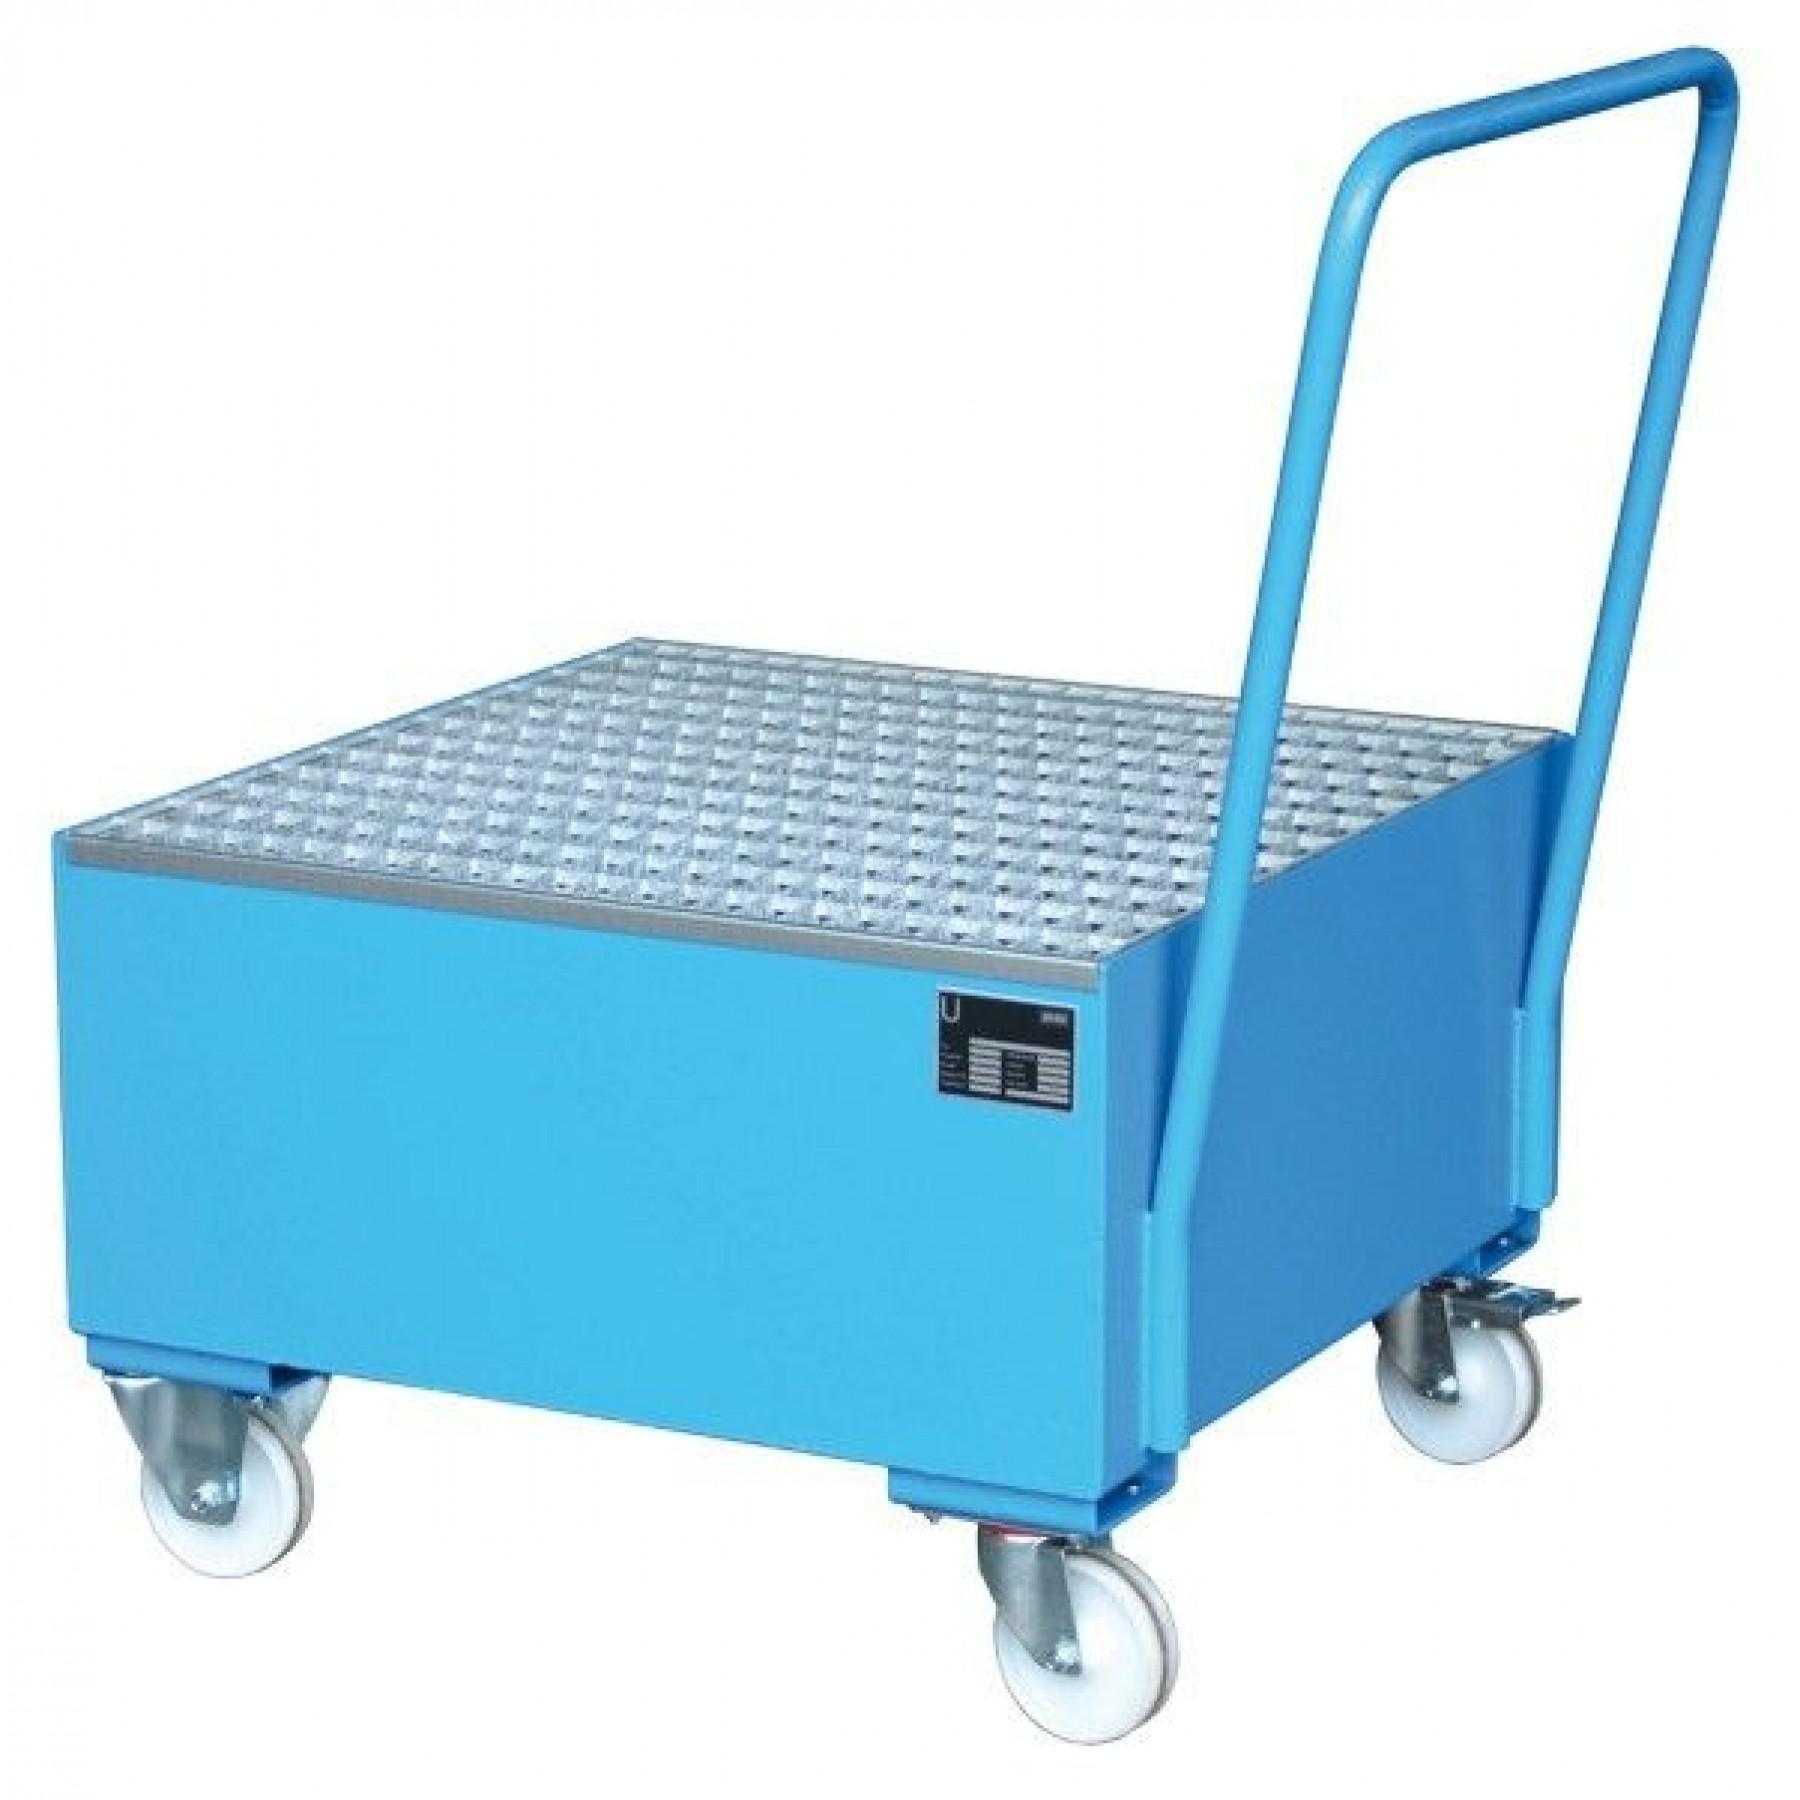 Verrijdbare vloeistofopvangbak 1x200 liter vat, 70049-2004-2000